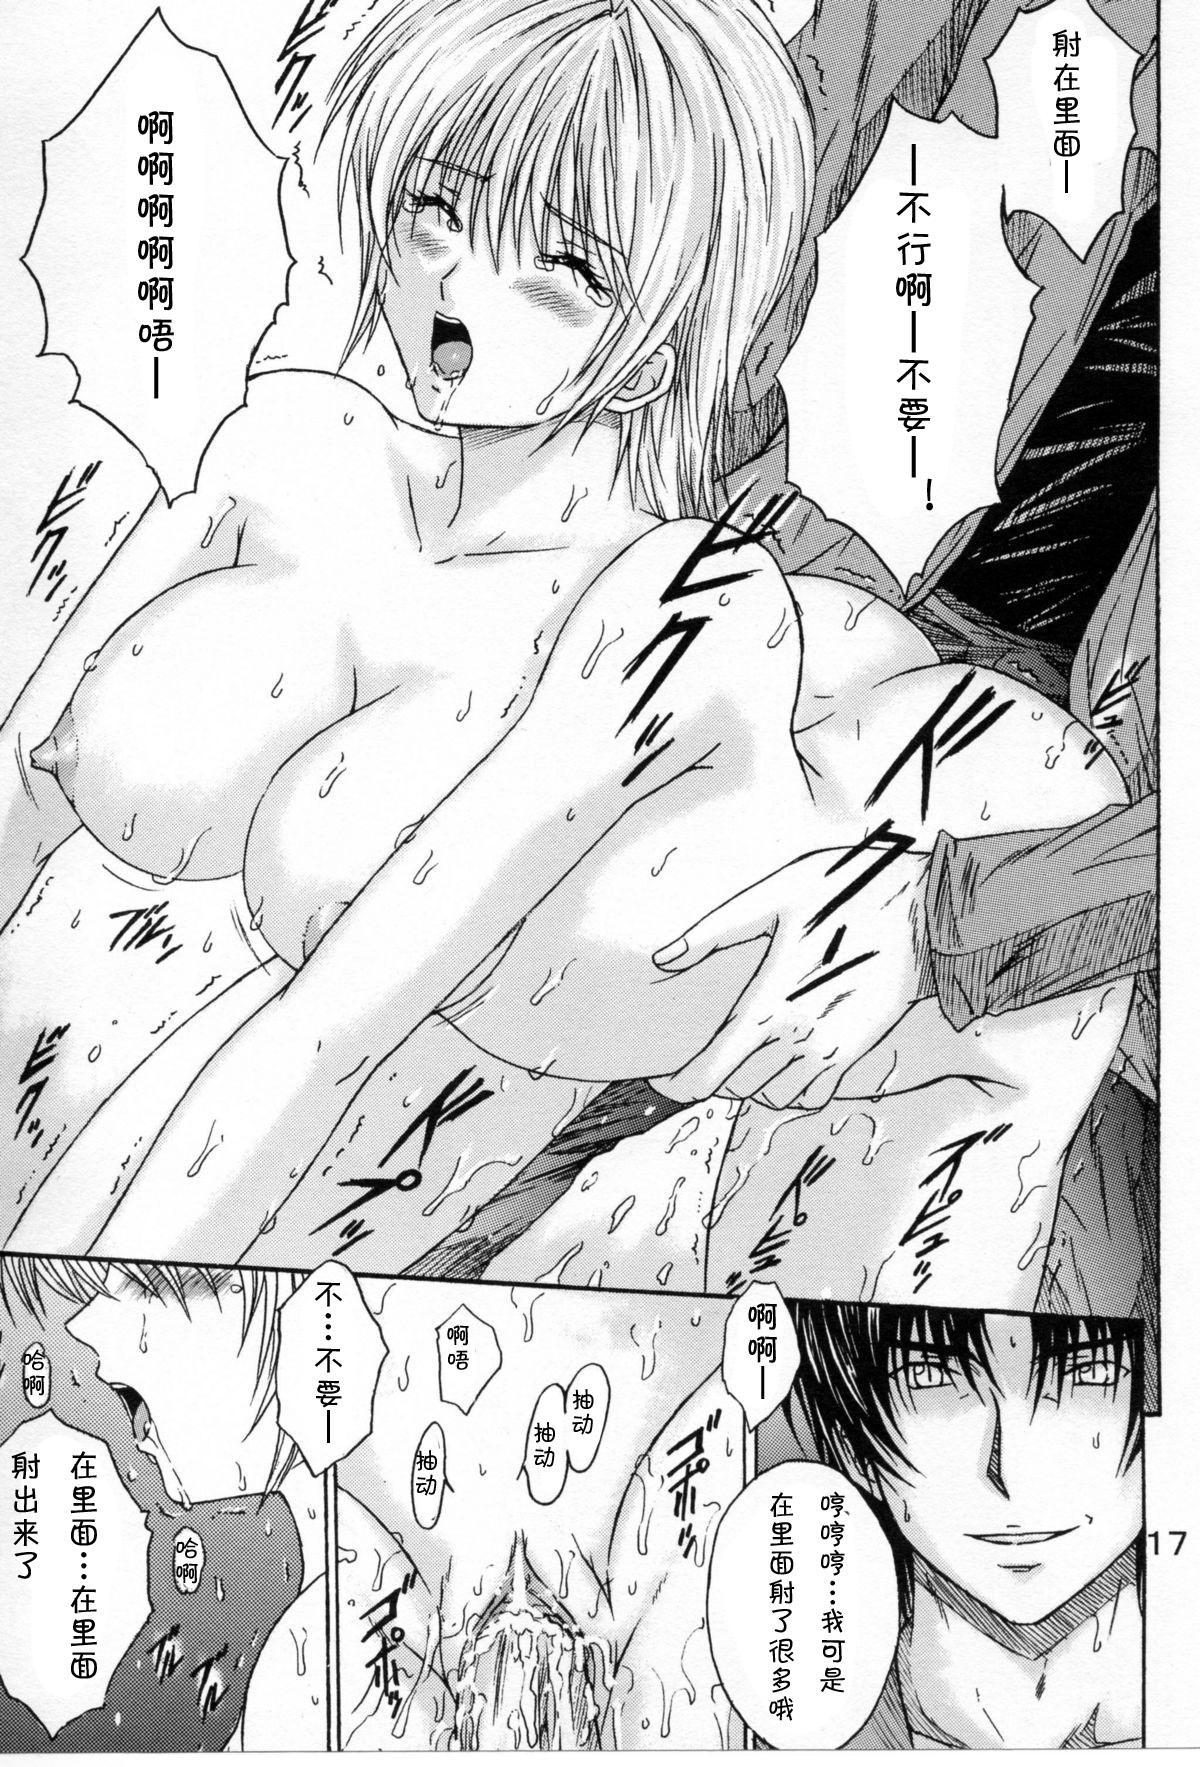 Ryoujoku Rensa 04 15